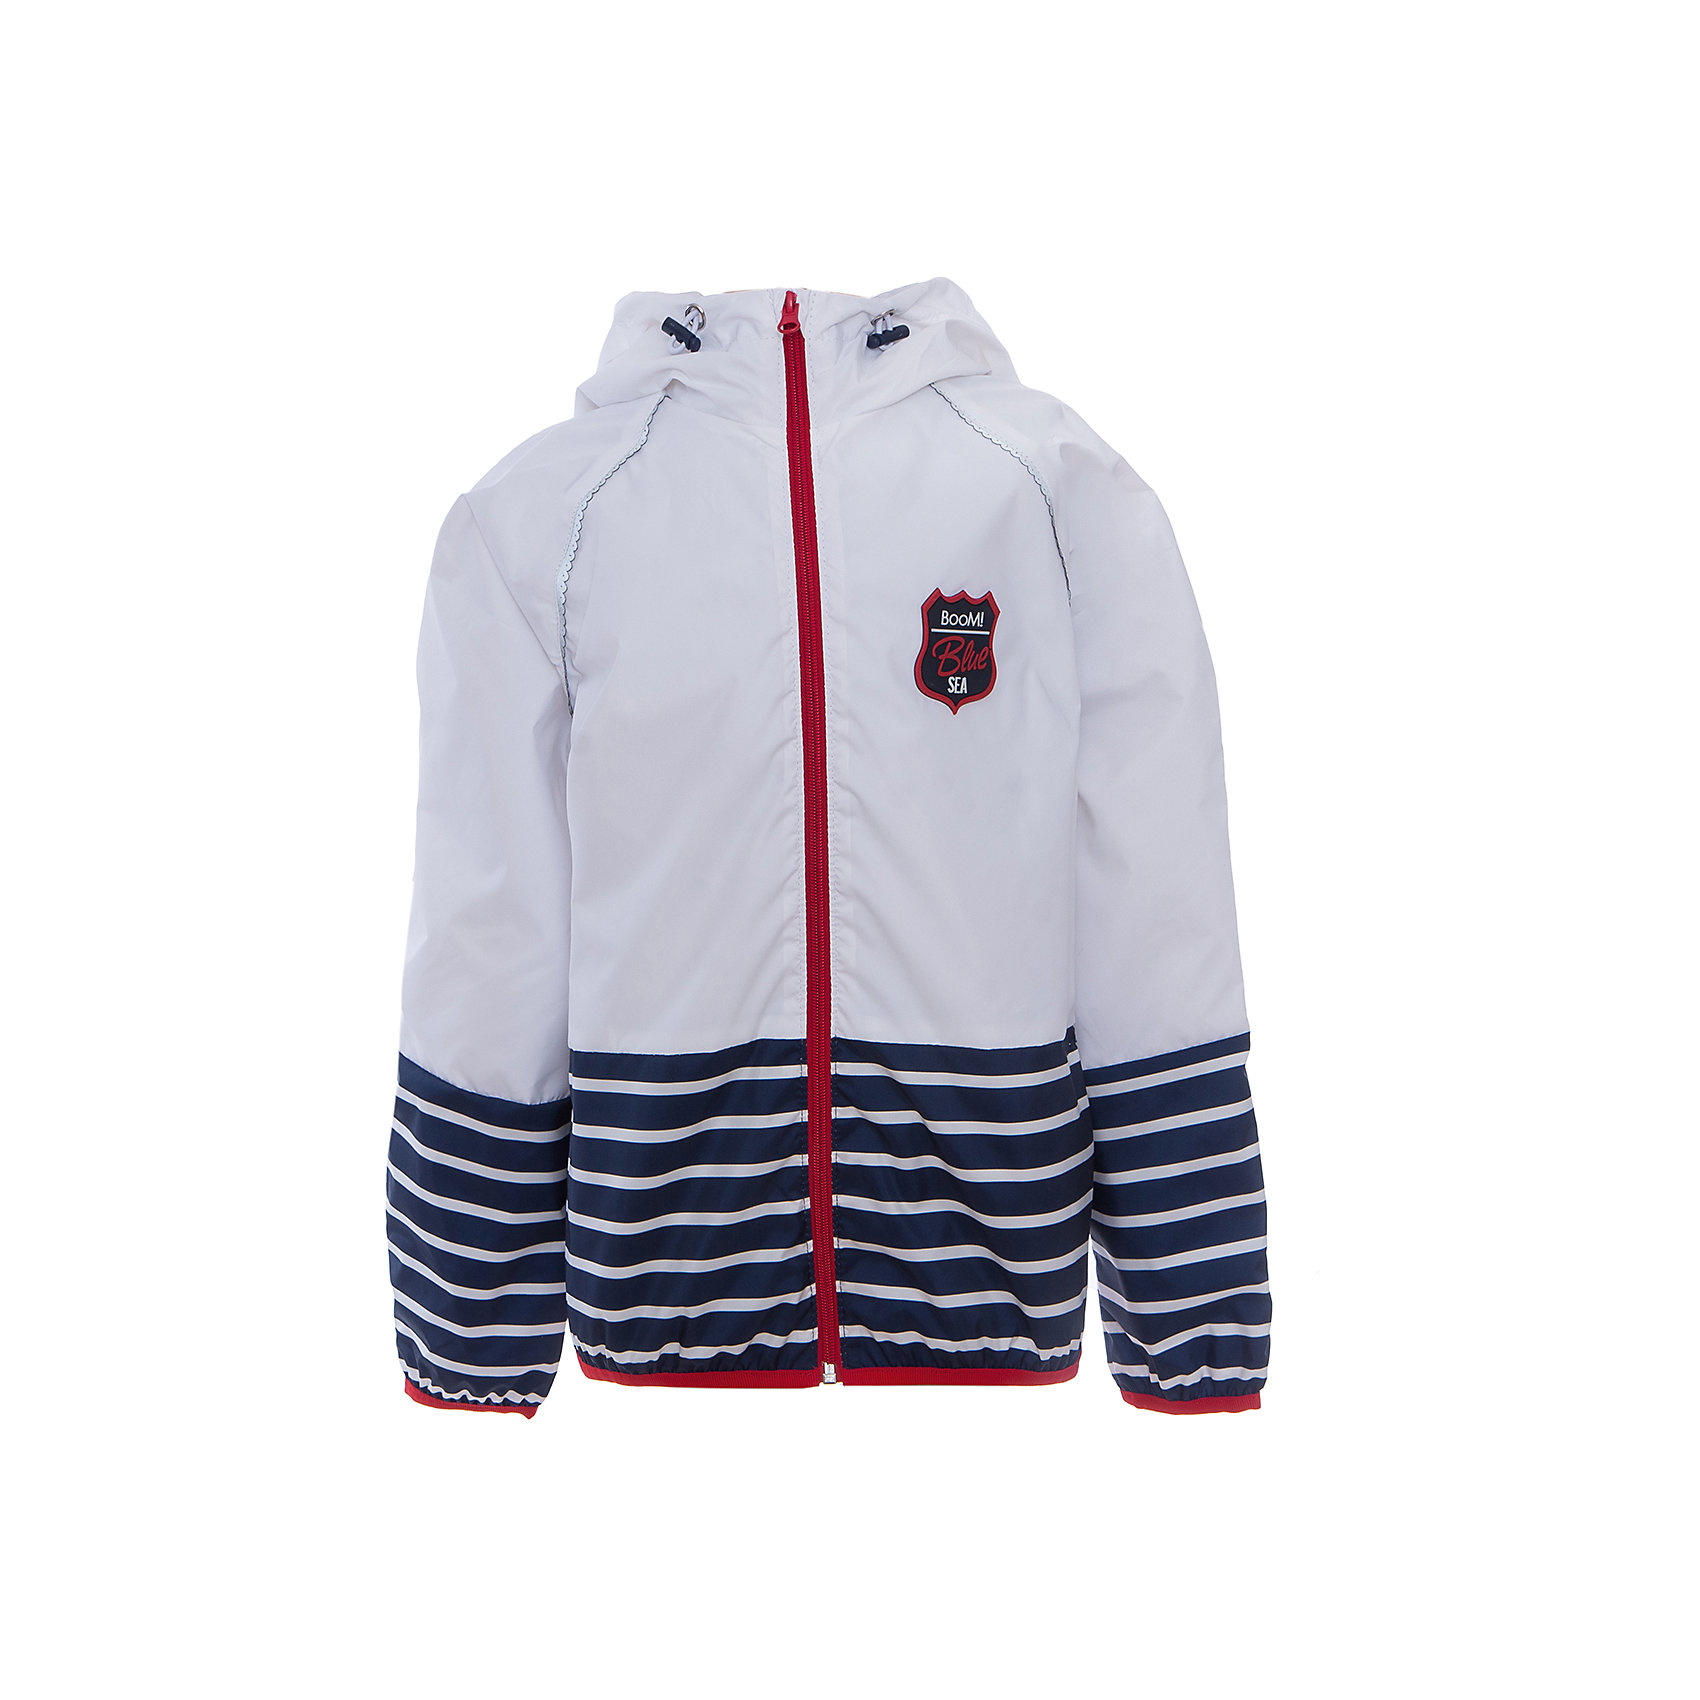 Куртка для девочки BOOM by OrbyВерхняя одежда<br>Характеристики товара:<br><br>• цвет: белый<br>• состав: 80% полиэстер, 20% хлопок, верх - таффета, подкладка - поликоттон, полиэстер, без утеплителя<br>• температурный режим: от +5°до +15°С<br>• карманы<br>• застежка - молния<br>• капюшон с утяжкой<br>• украшена нашивкой<br>• эластичные манжеты<br>• комфортная посадка<br>• страна производства: Российская Федерация<br>• страна бренда: Российская Федерация<br>• коллекция: весна-лето 2017<br><br>Легкая куртка - универсальный вариант и для прохладного летнего вечера, и для теплого межсезонья. Эта модель - модная и удобная одновременно! Изделие отличается стильным ярким дизайном. Куртка хорошо сидит по фигуре, отлично сочетается с различным низом. Вещь была разработана специально для детей.<br><br>Одежда от российского бренда BOOM by Orby уже завоевала популярностью у многих детей и их родителей. Вещи, выпускаемые компанией, качественные, продуманные и очень удобные. Для производства коллекций используются только безопасные для детей материалы. Спешите приобрести модели из новой коллекции Весна-лето 2017! <br><br>Куртку для девочки от бренда BOOM by Orby можно купить в нашем интернет-магазине.<br><br>Ширина мм: 356<br>Глубина мм: 10<br>Высота мм: 245<br>Вес г: 519<br>Цвет: белый<br>Возраст от месяцев: 36<br>Возраст до месяцев: 48<br>Пол: Женский<br>Возраст: Детский<br>Размер: 104,158,86,92,98,110,116,122,128,134,140,146,152<br>SKU: 5343549